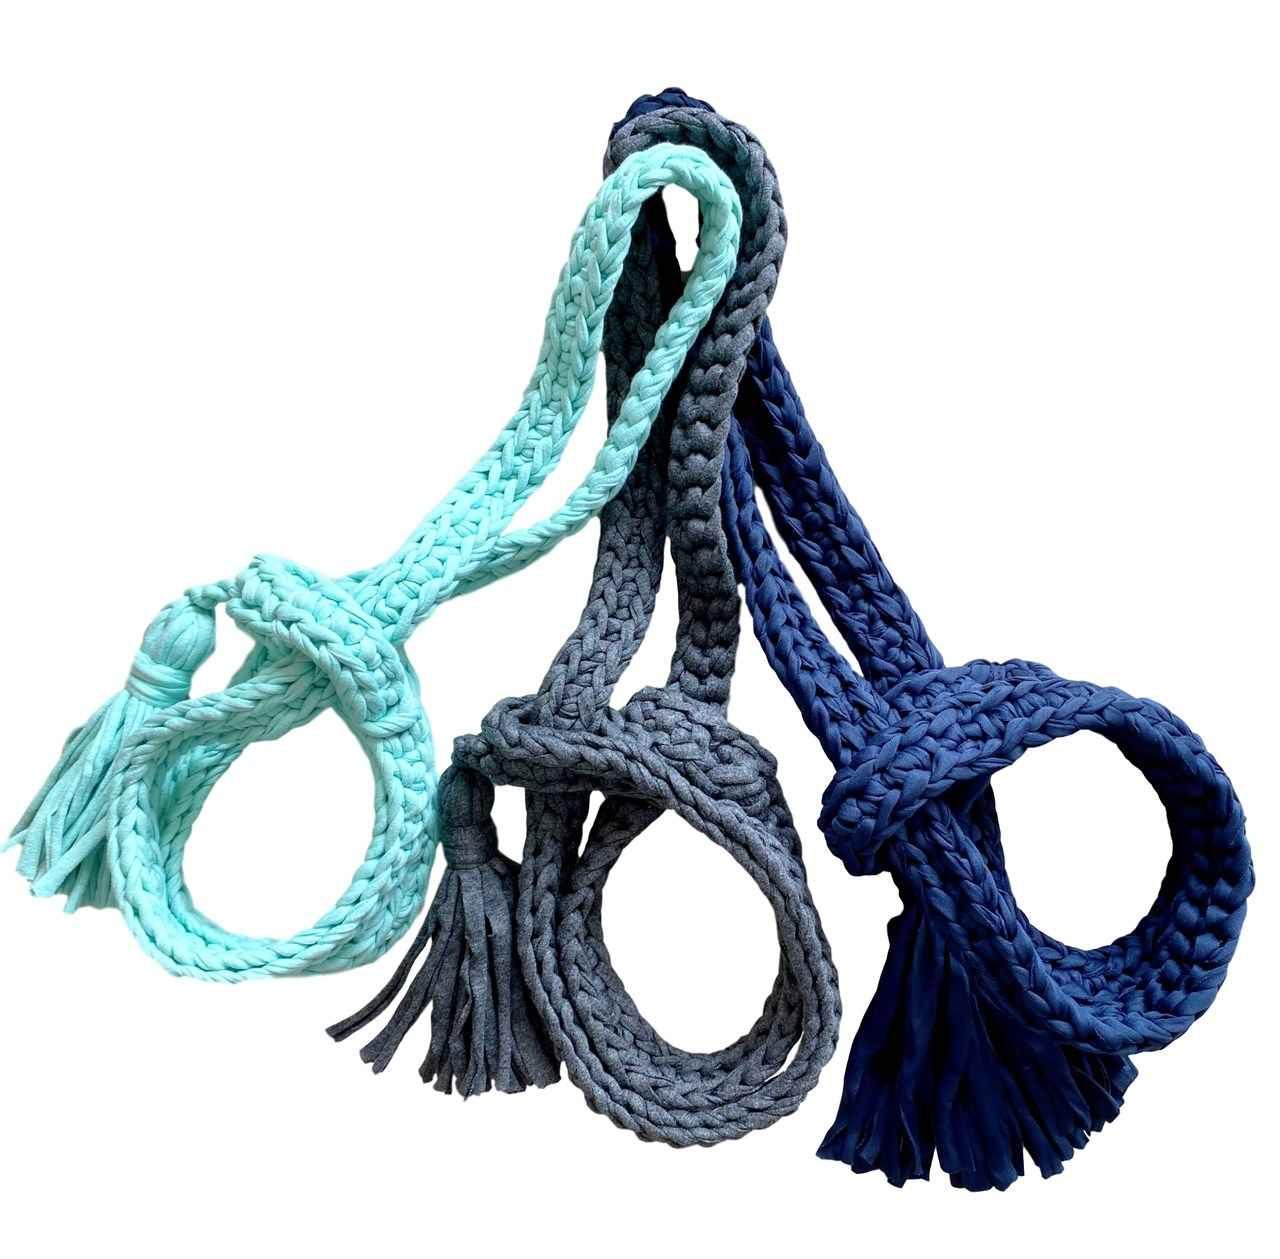 Porta Tapete - Crochê (Produto artesanal)